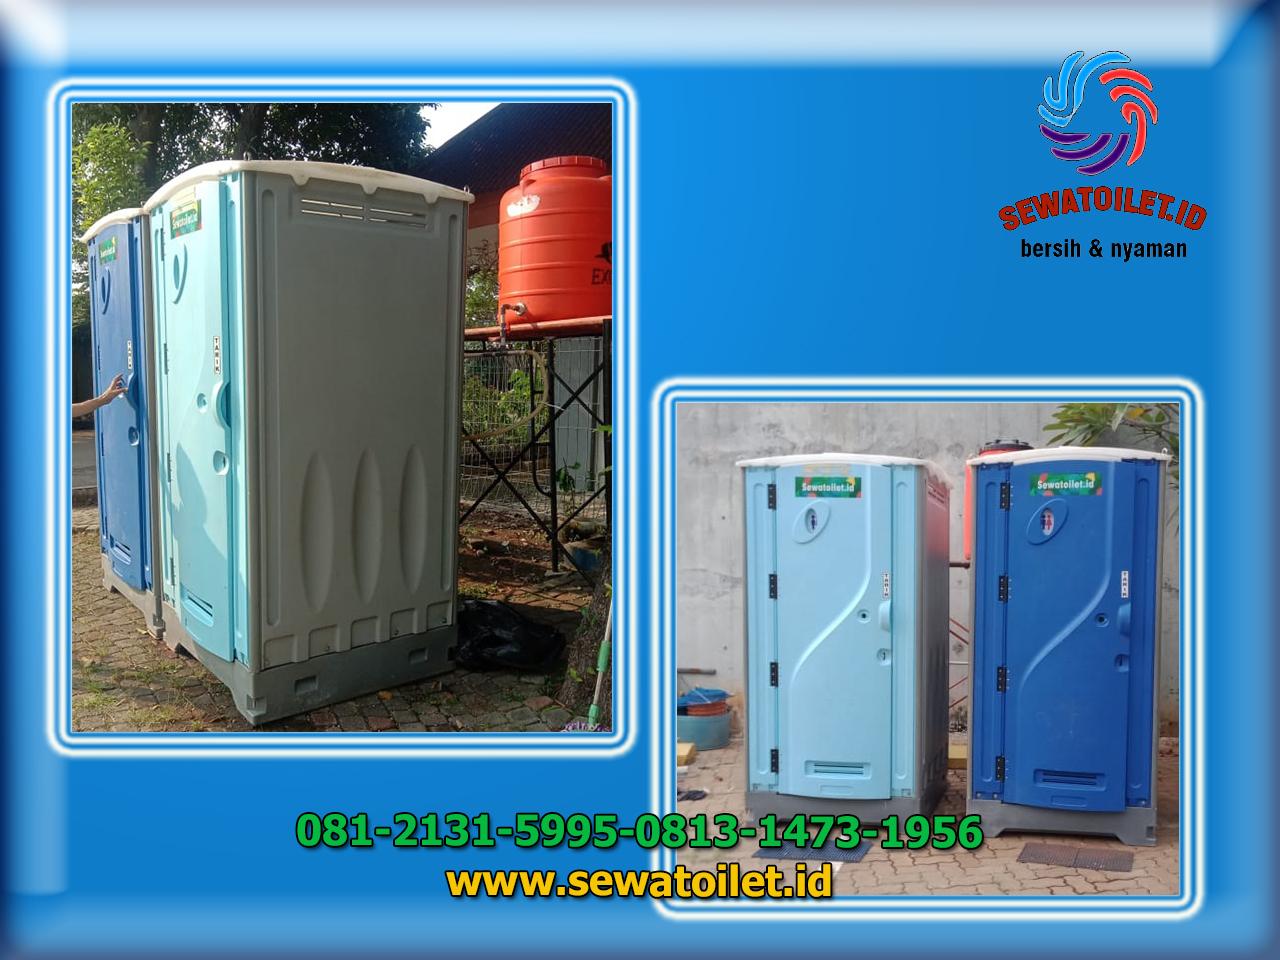 Sewa Toilet Portable Vaksinasi Karyawan PT.Charoen Pokphand